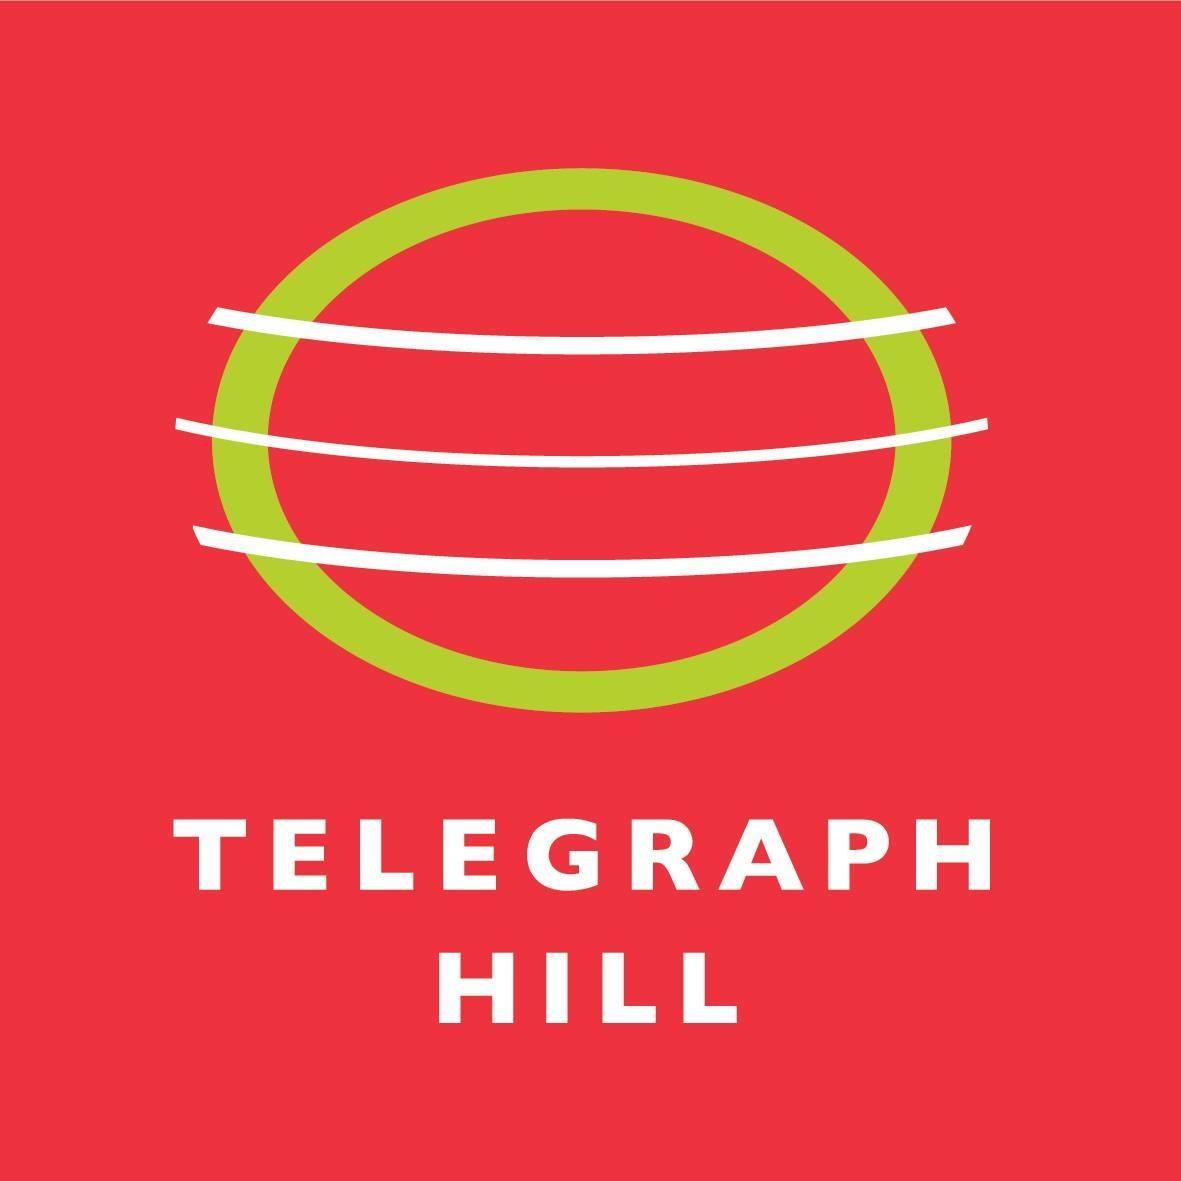 telegraph-hill-logo